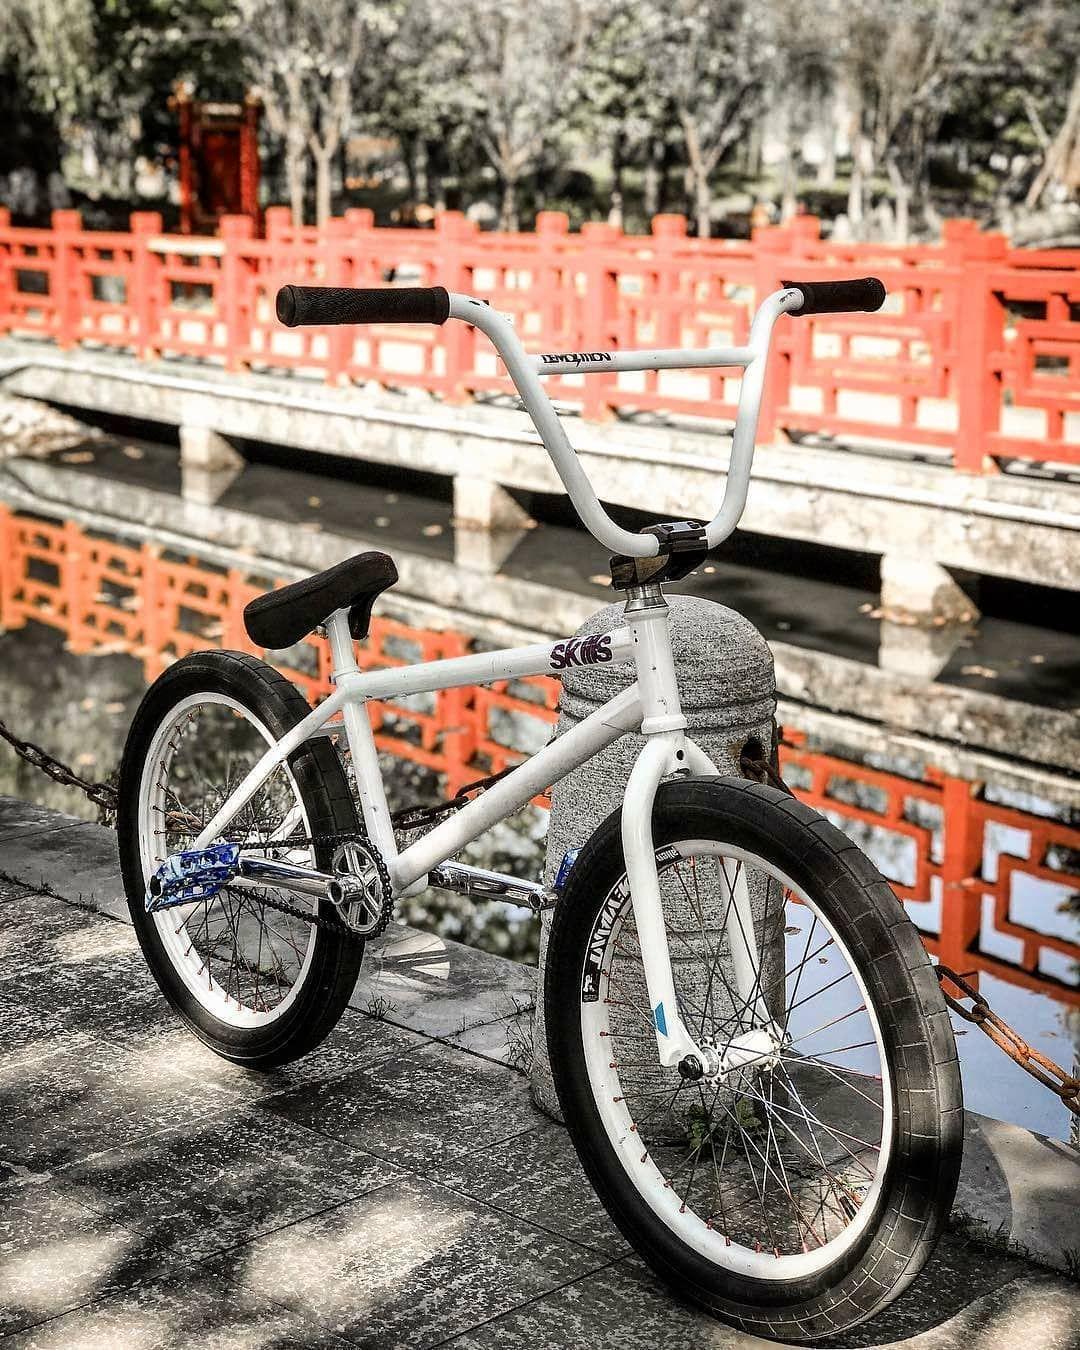 Bmx Tires Bmx Bikes Vintage Bmx Bikes Best Bmx